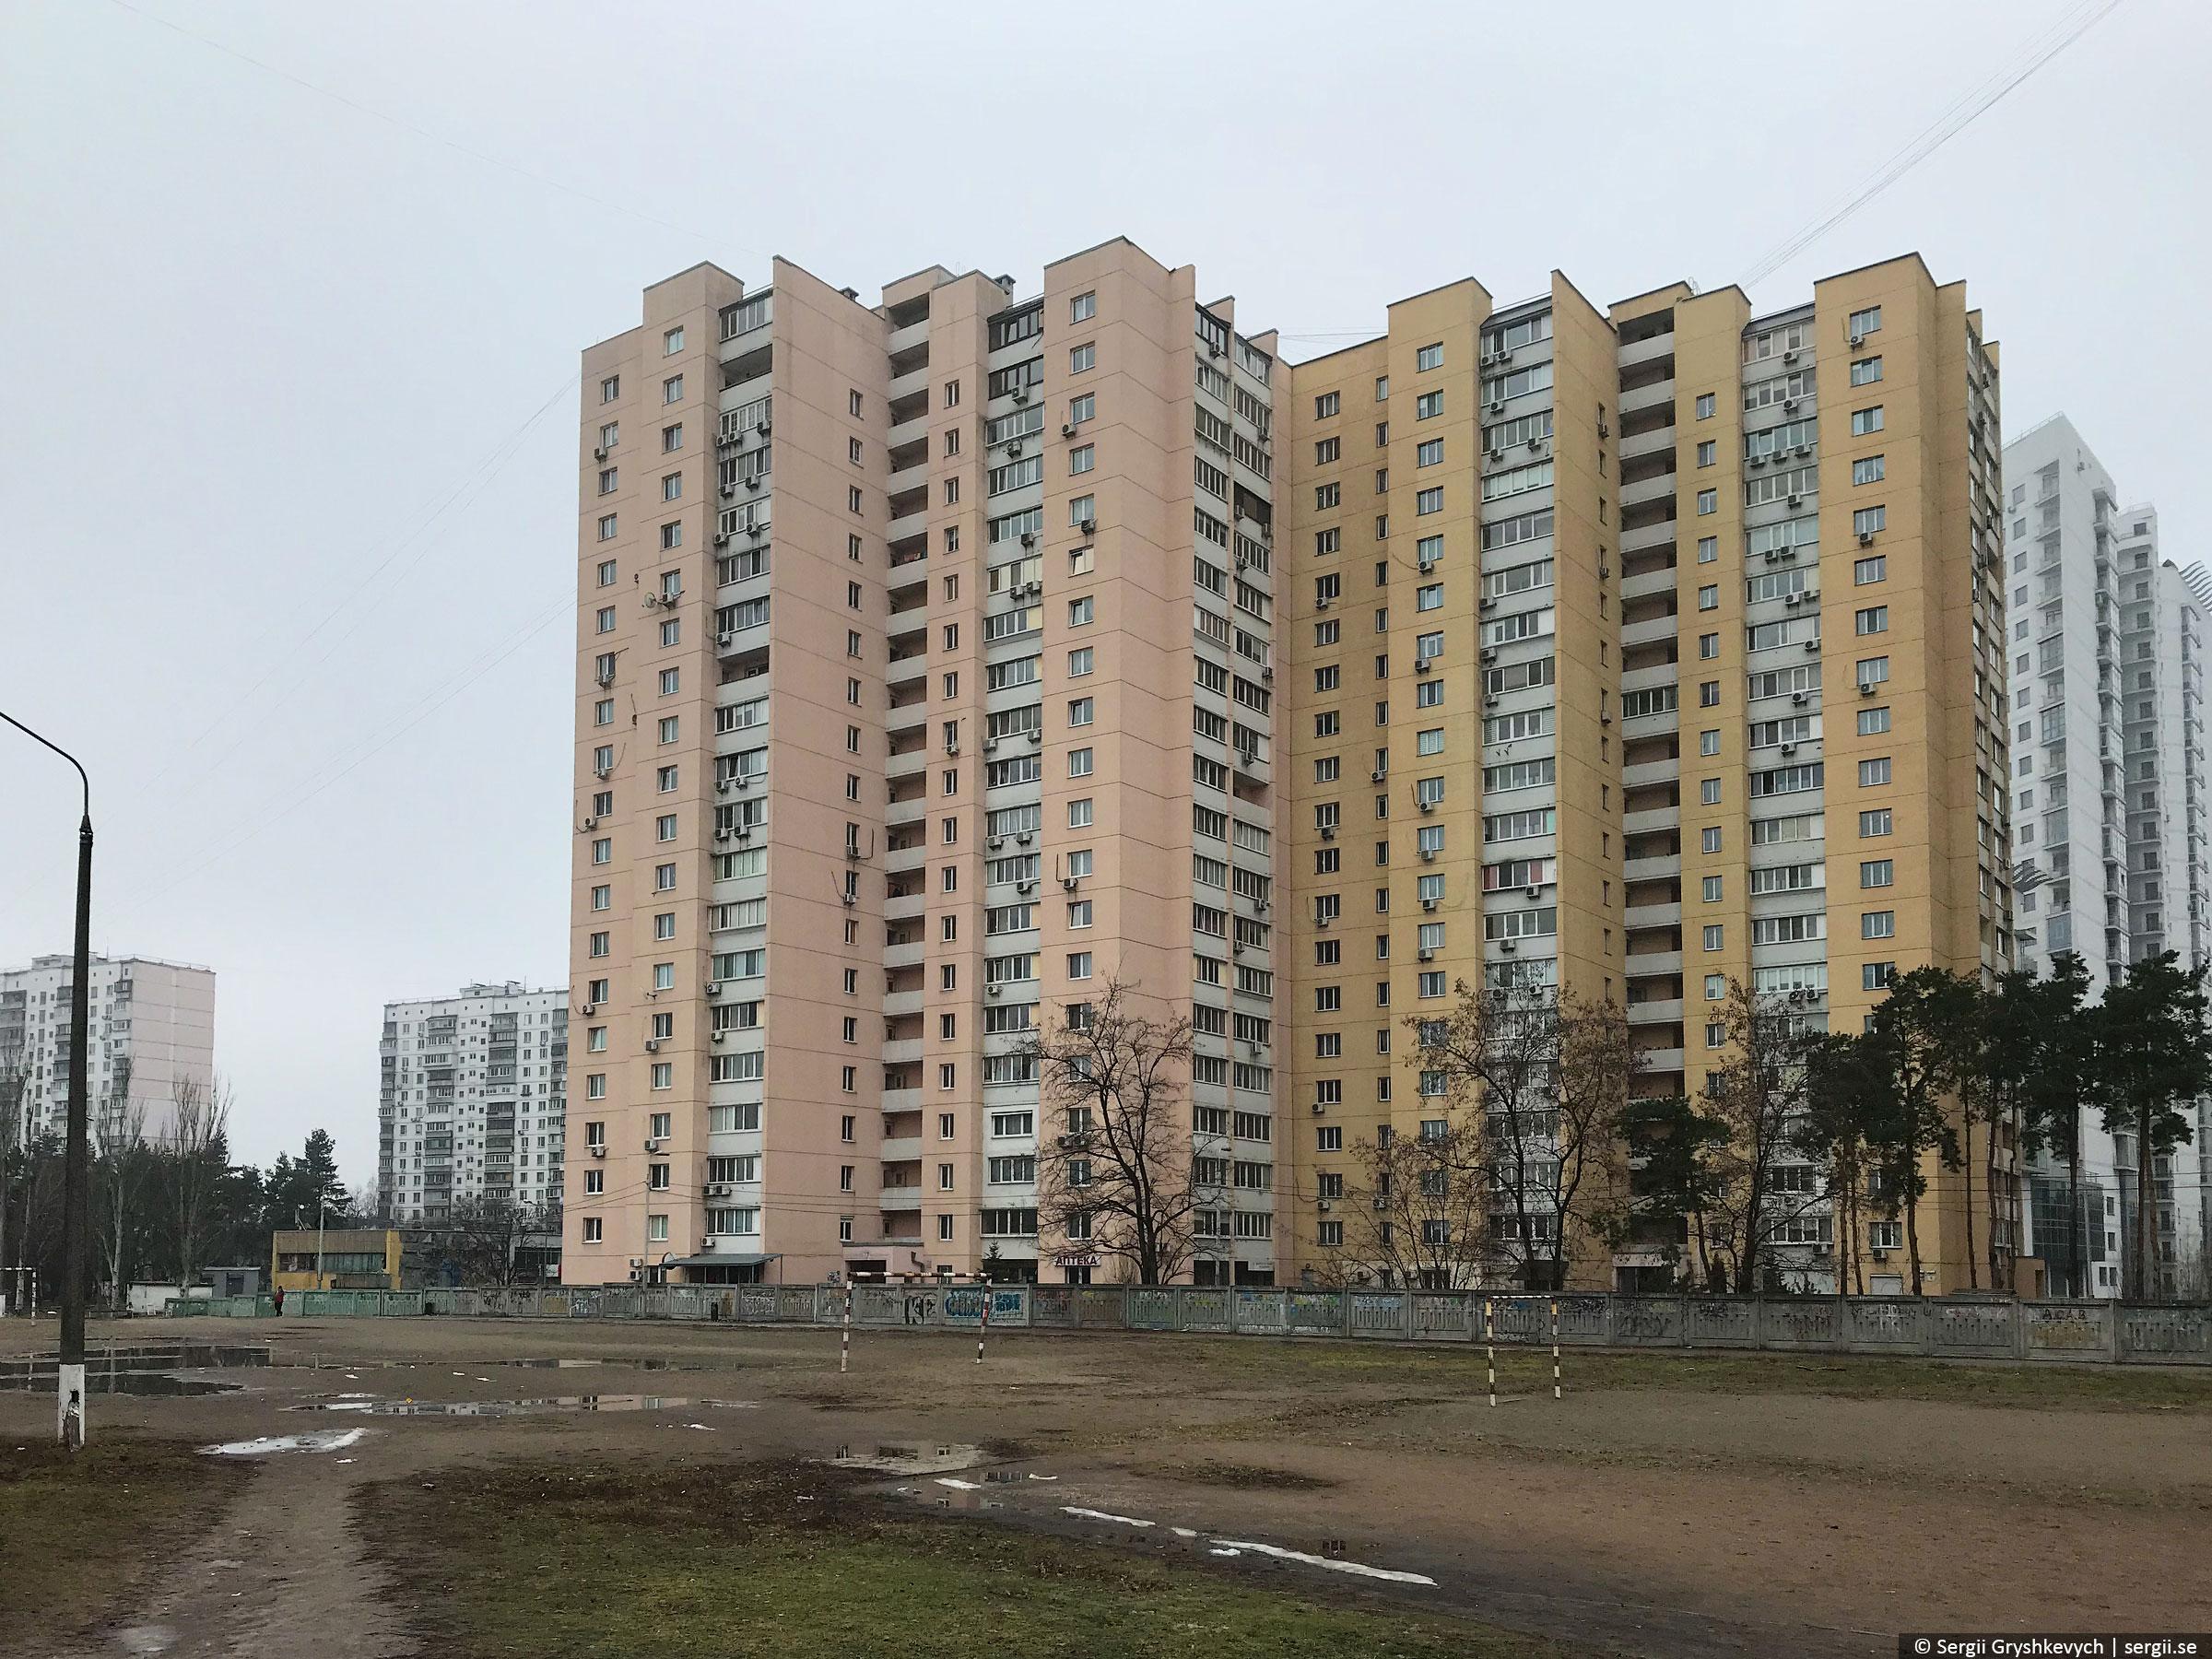 kyiv-darnytsia-livoberezhna-24